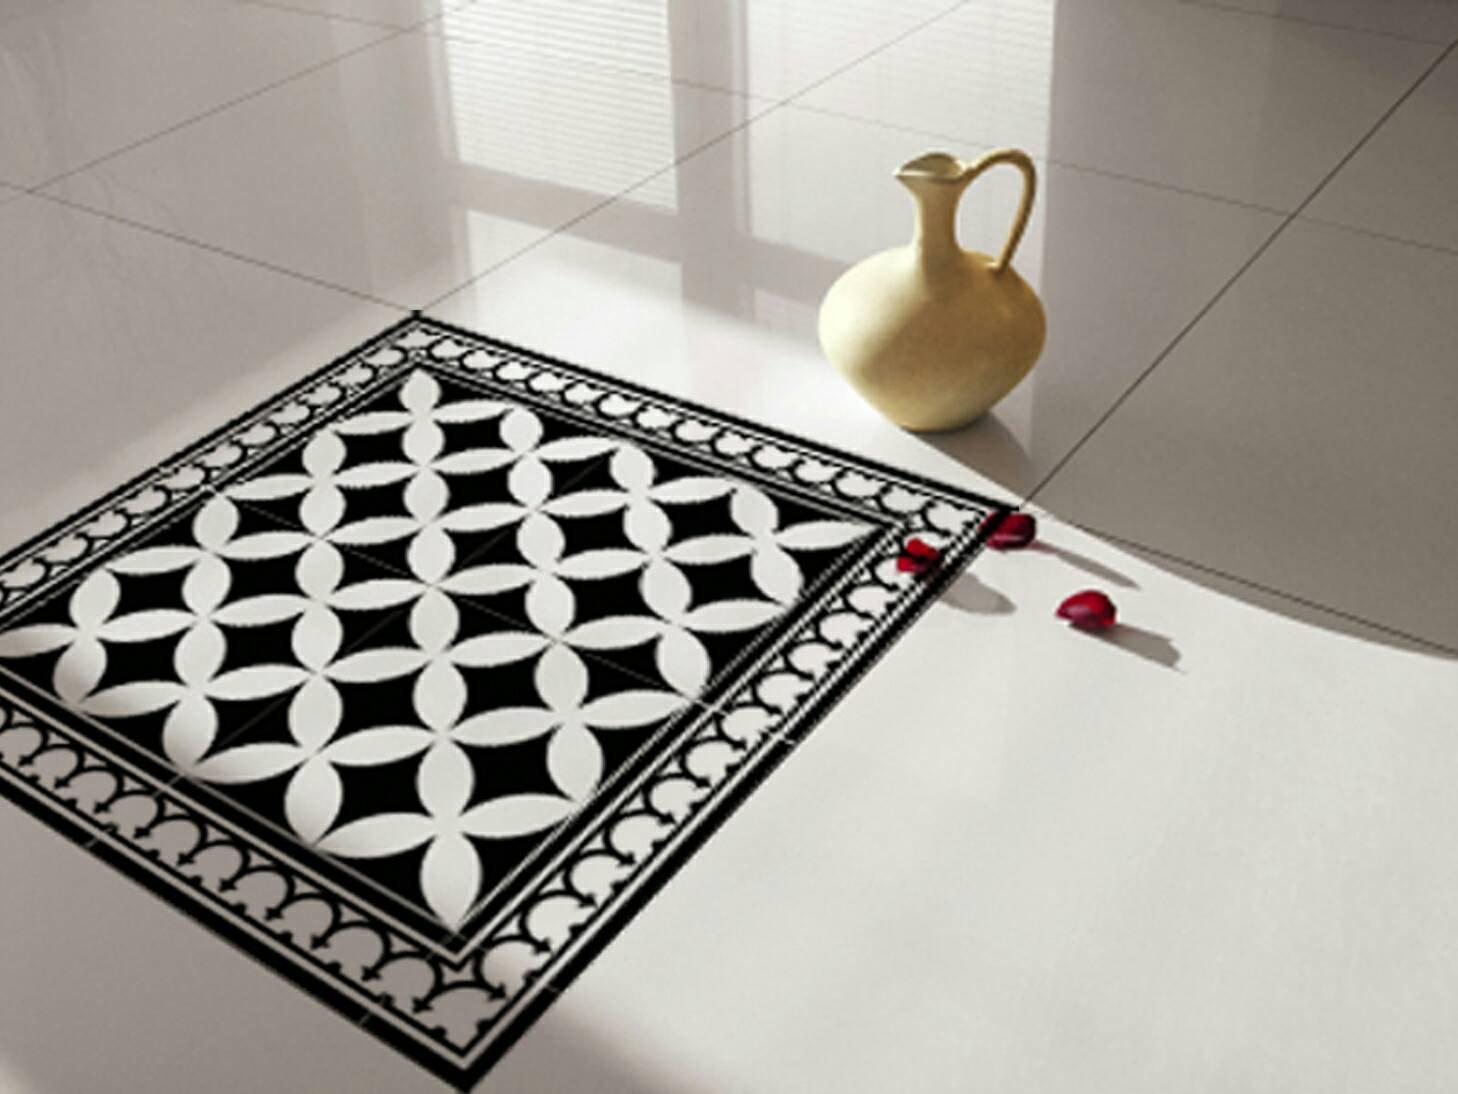 traditional tiles floor tiles floor vinyl tile stickers tile decals bathroom tile decal kitchen tile decal 132